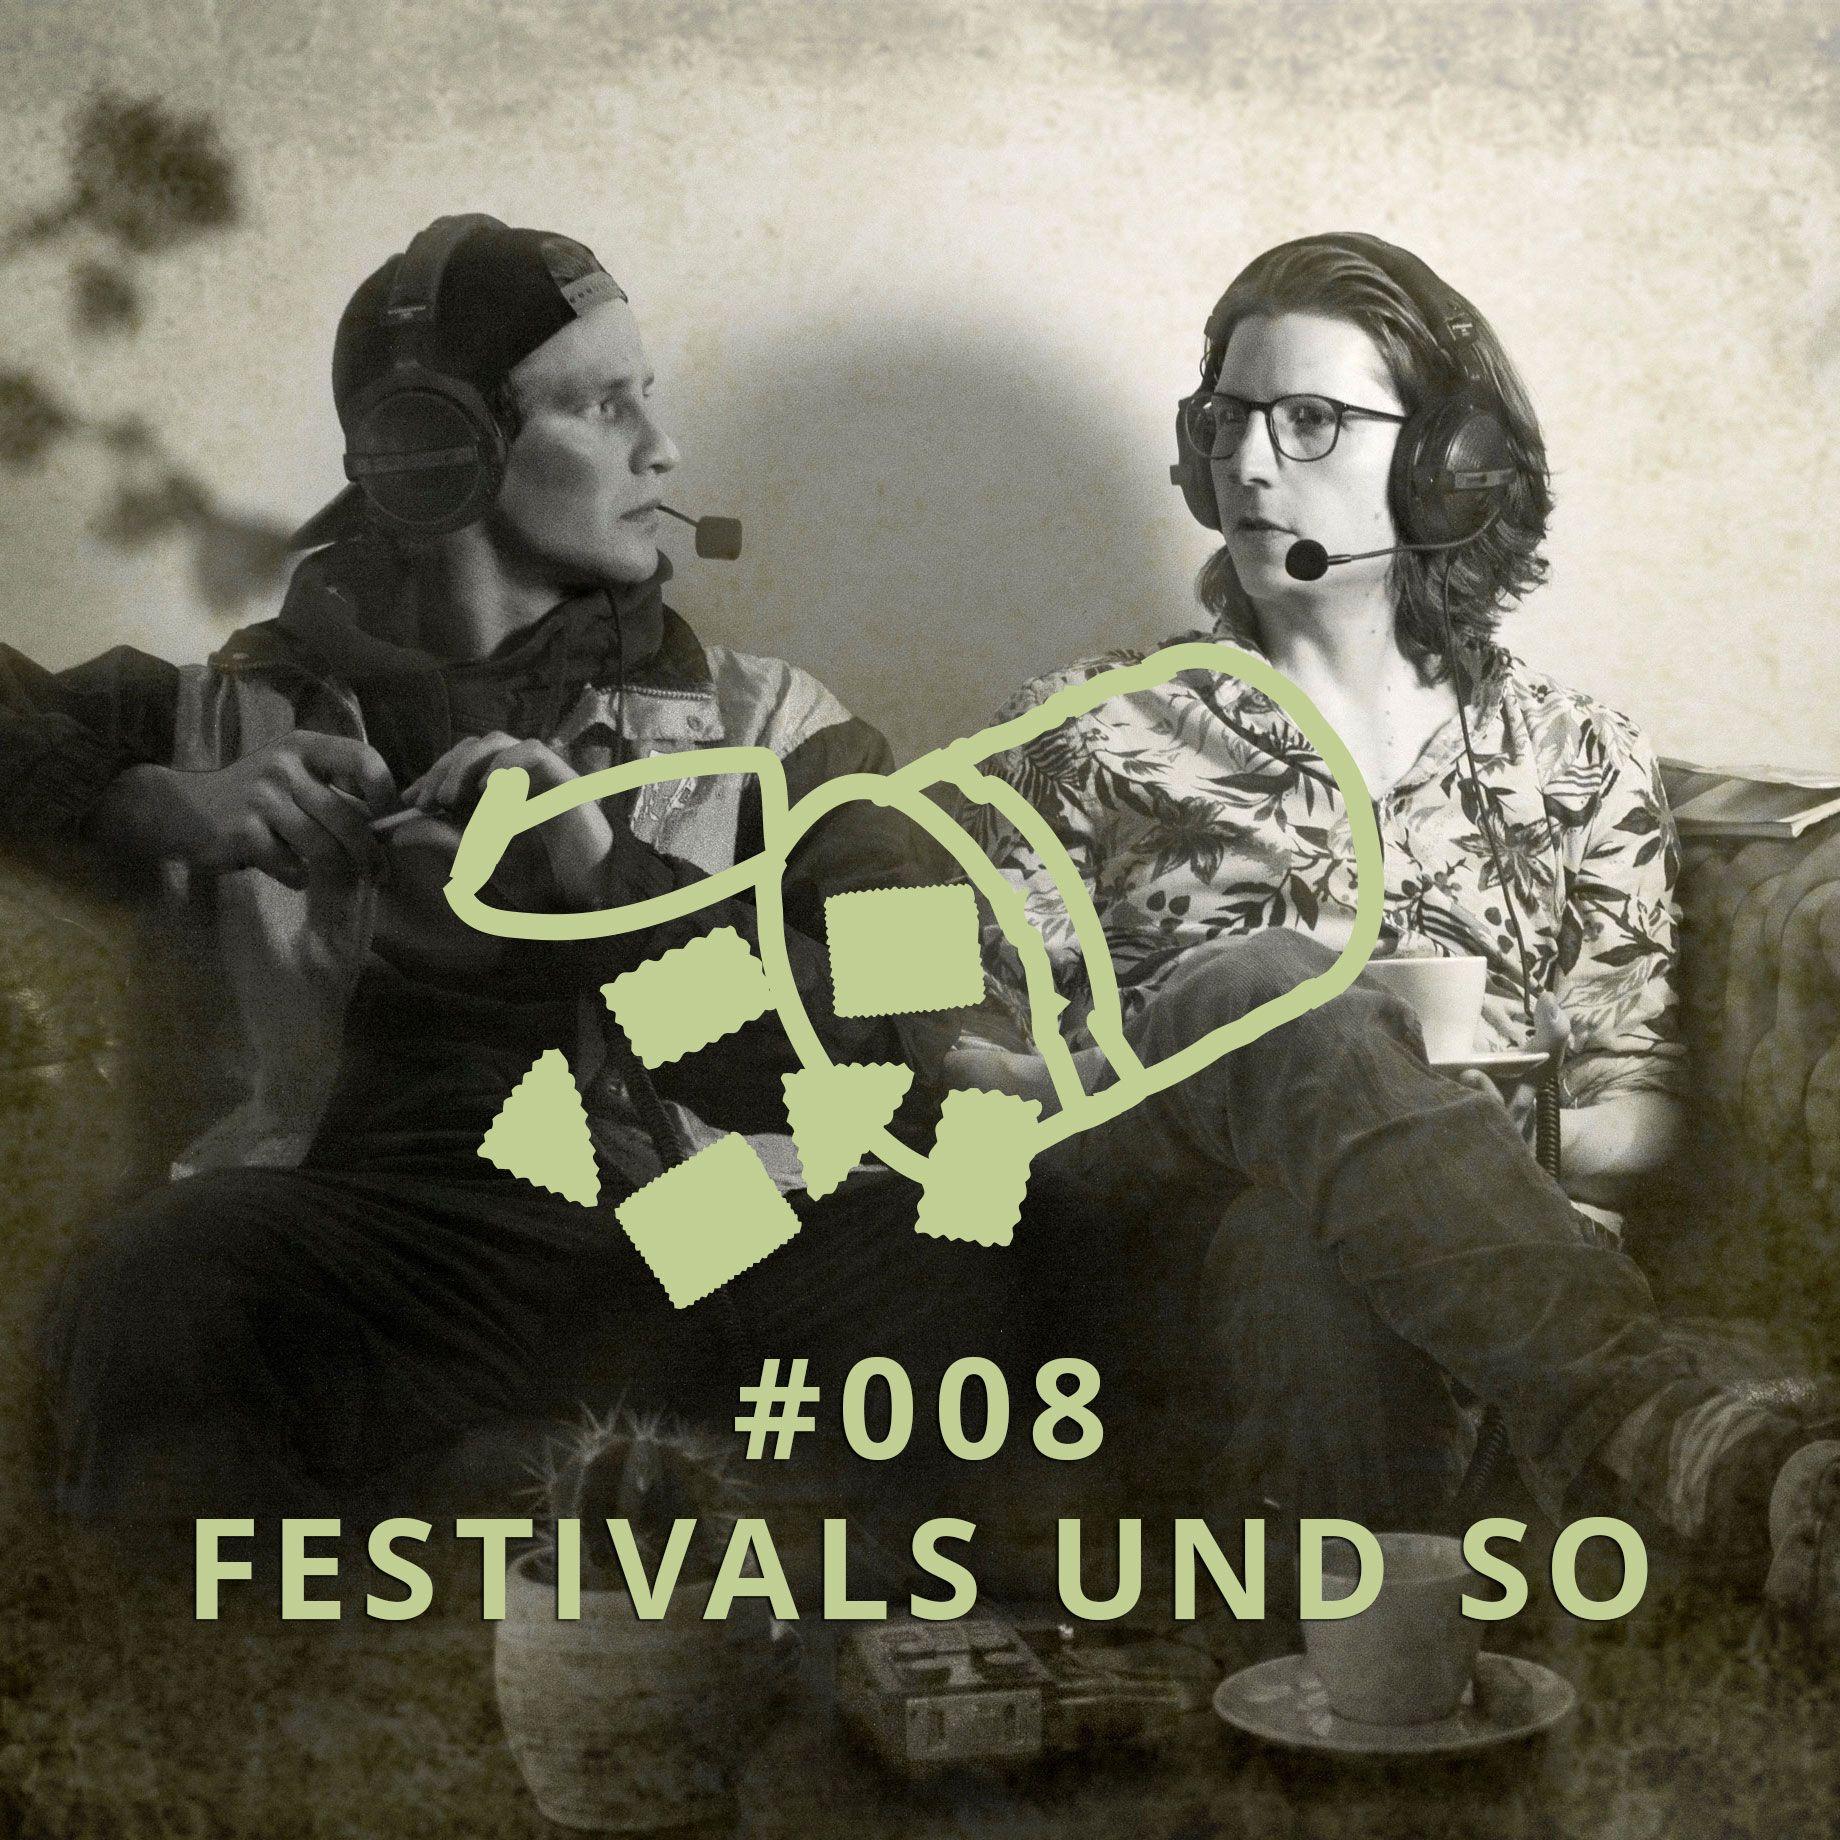 008 - Festivals und so   DICHTE GEDANKEN POTCAST